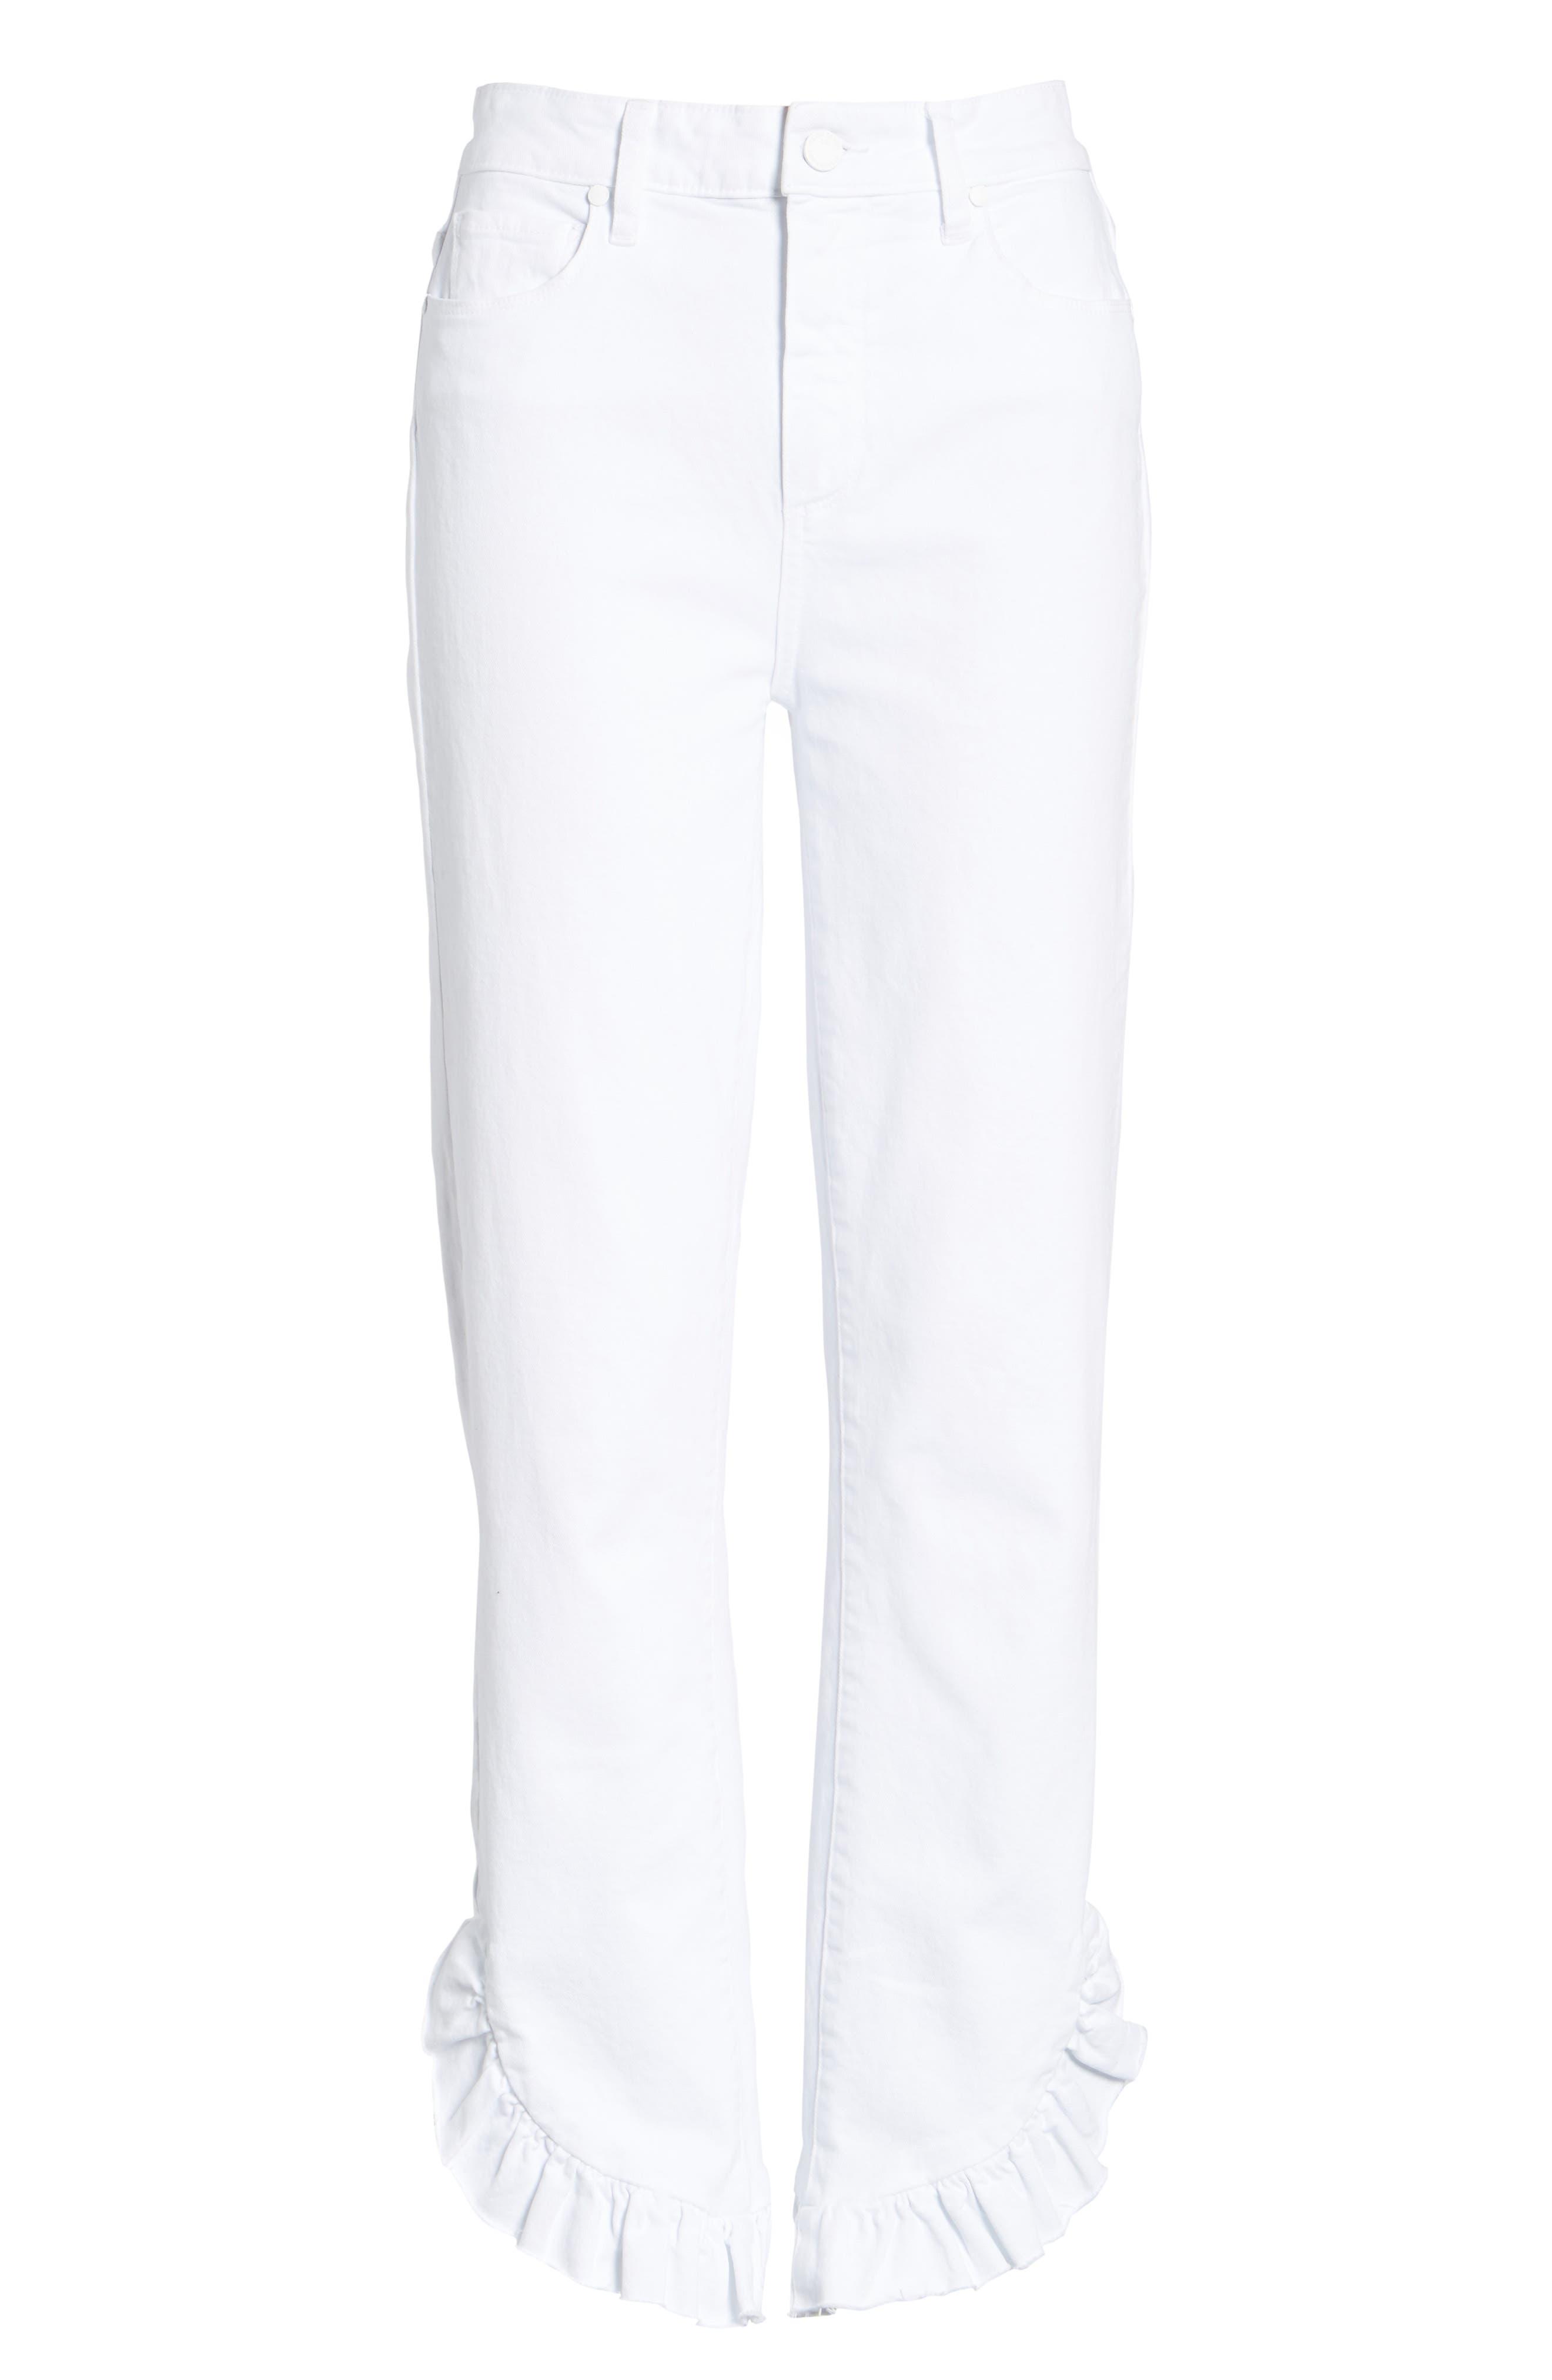 Jacqueline Crop Straight Leg Jeans,                             Alternate thumbnail 6, color,                             100